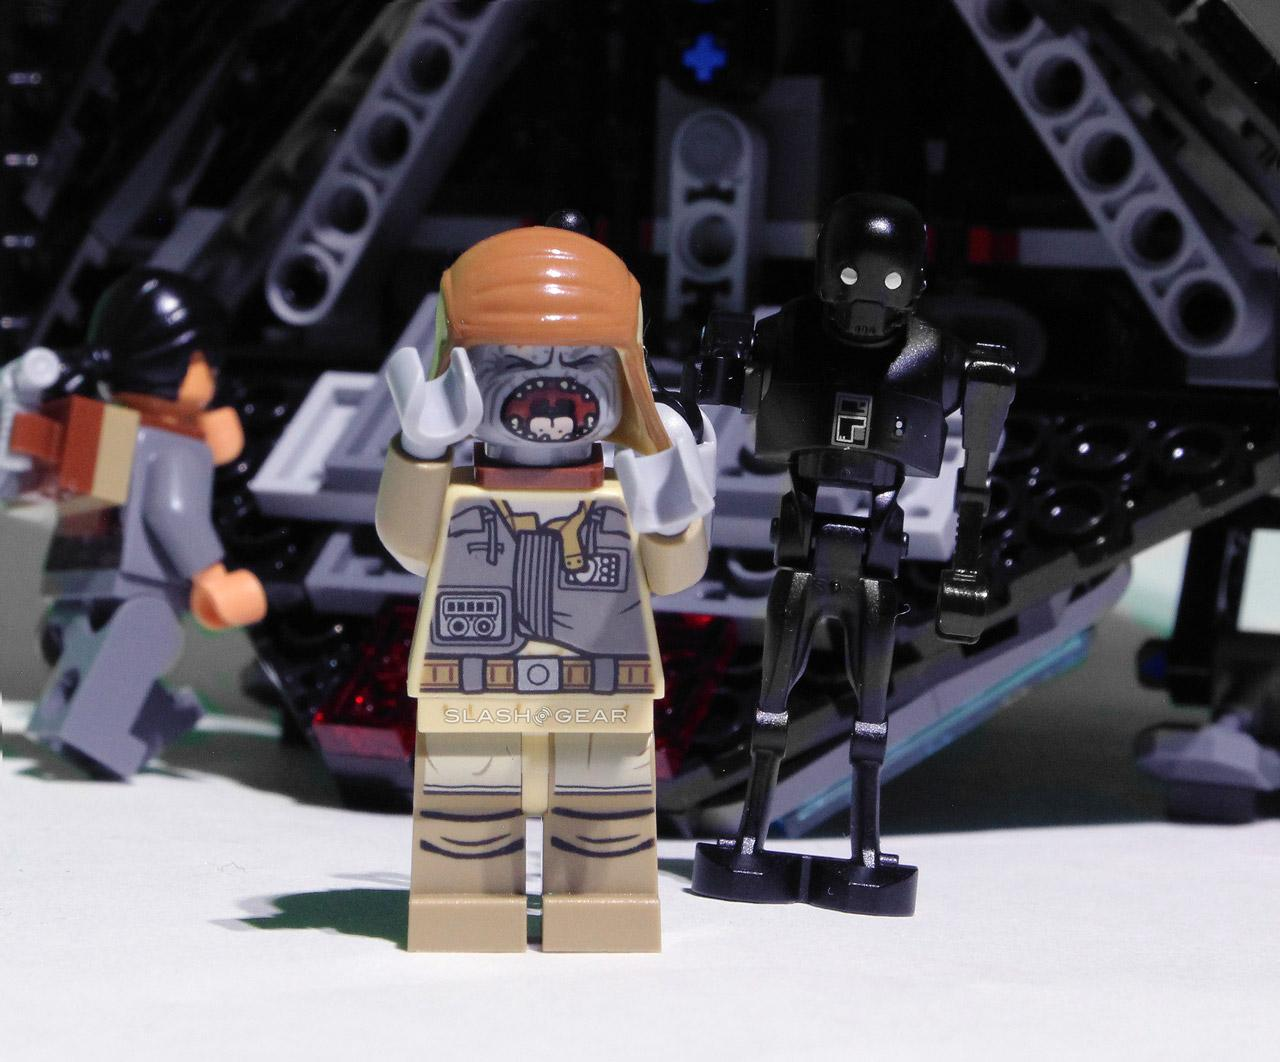 lego_shuttle_yelling